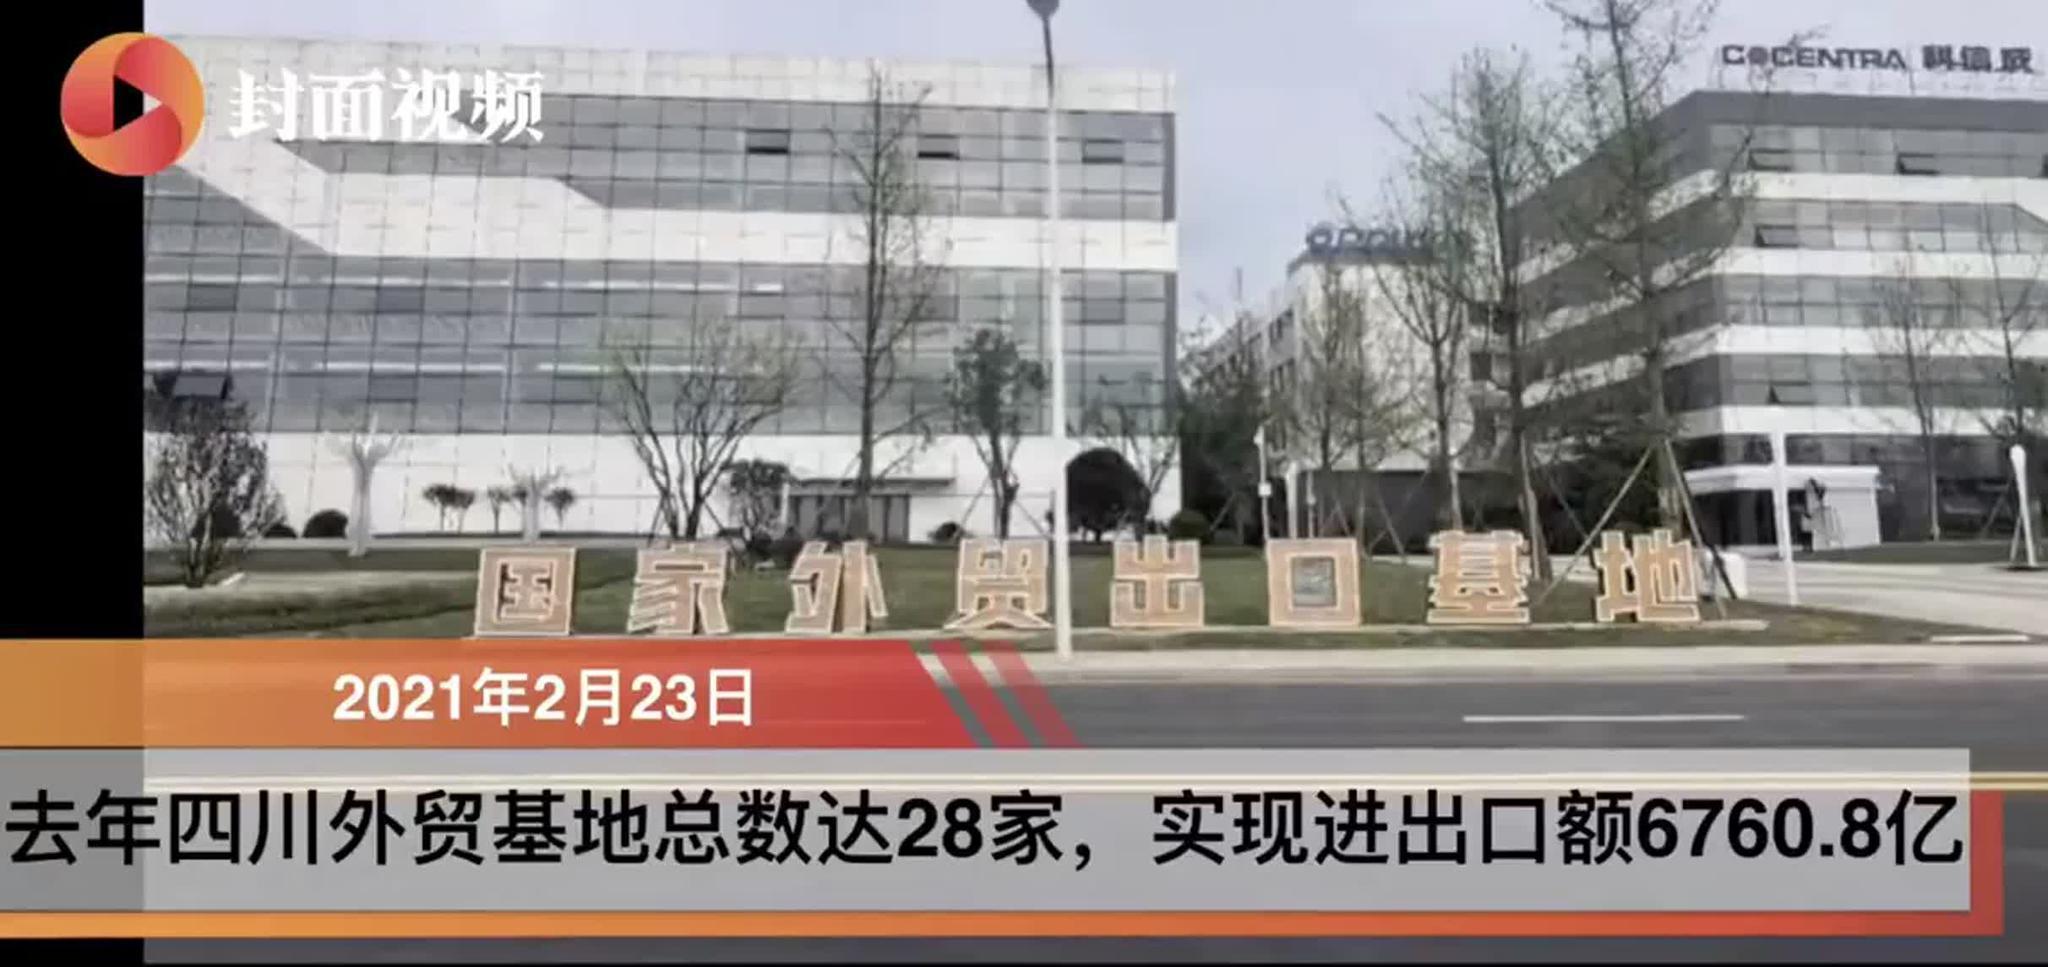 2020年四川外贸基地总数达28家,实现进出口额6760.8亿